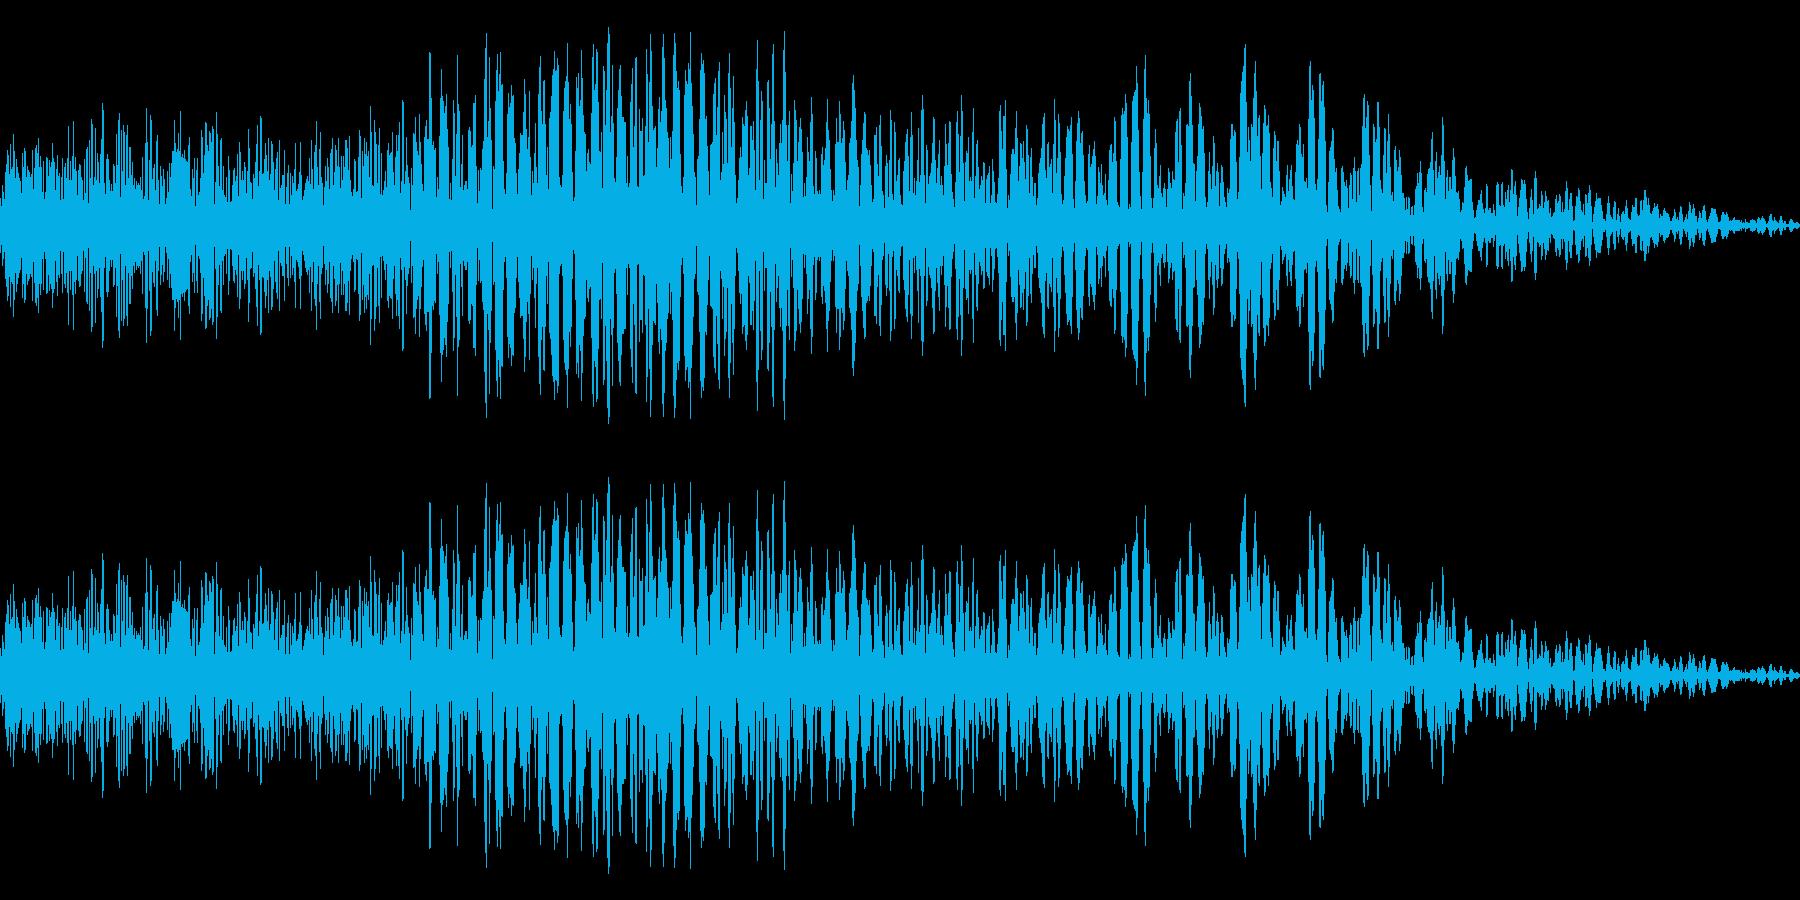 メニュー画面音(ウインドウ,決定等)13の再生済みの波形